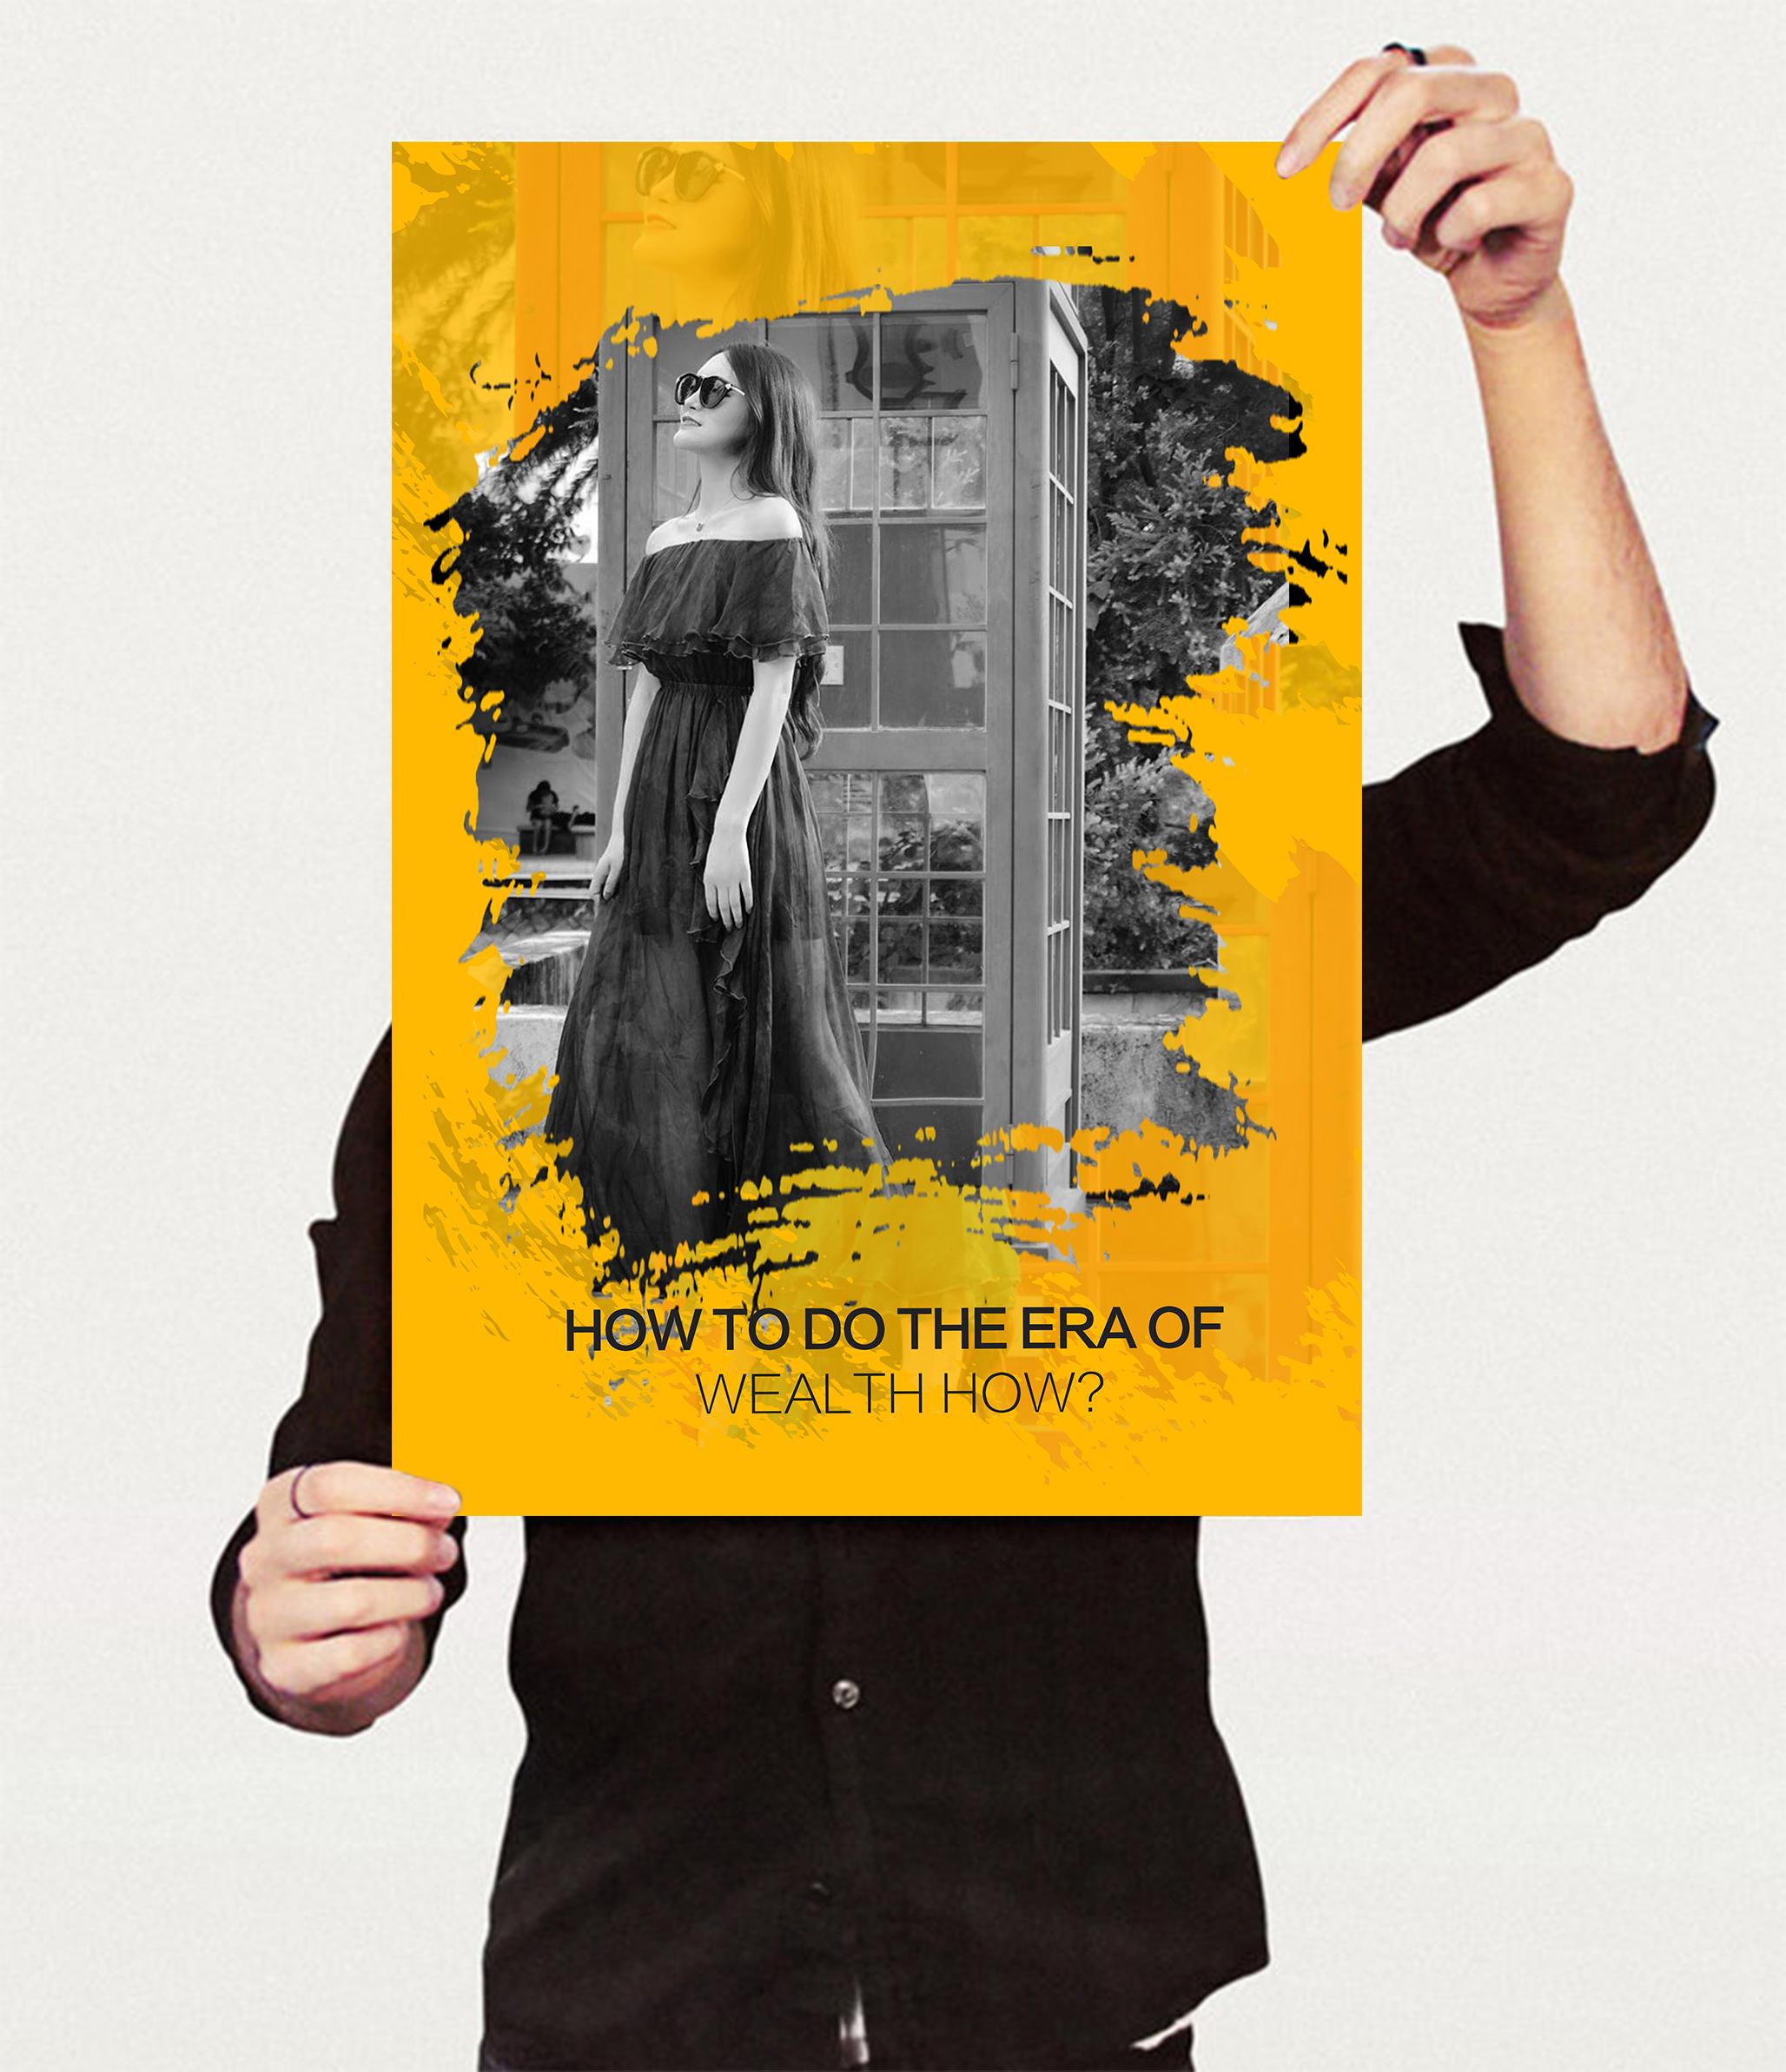 人物创意海报